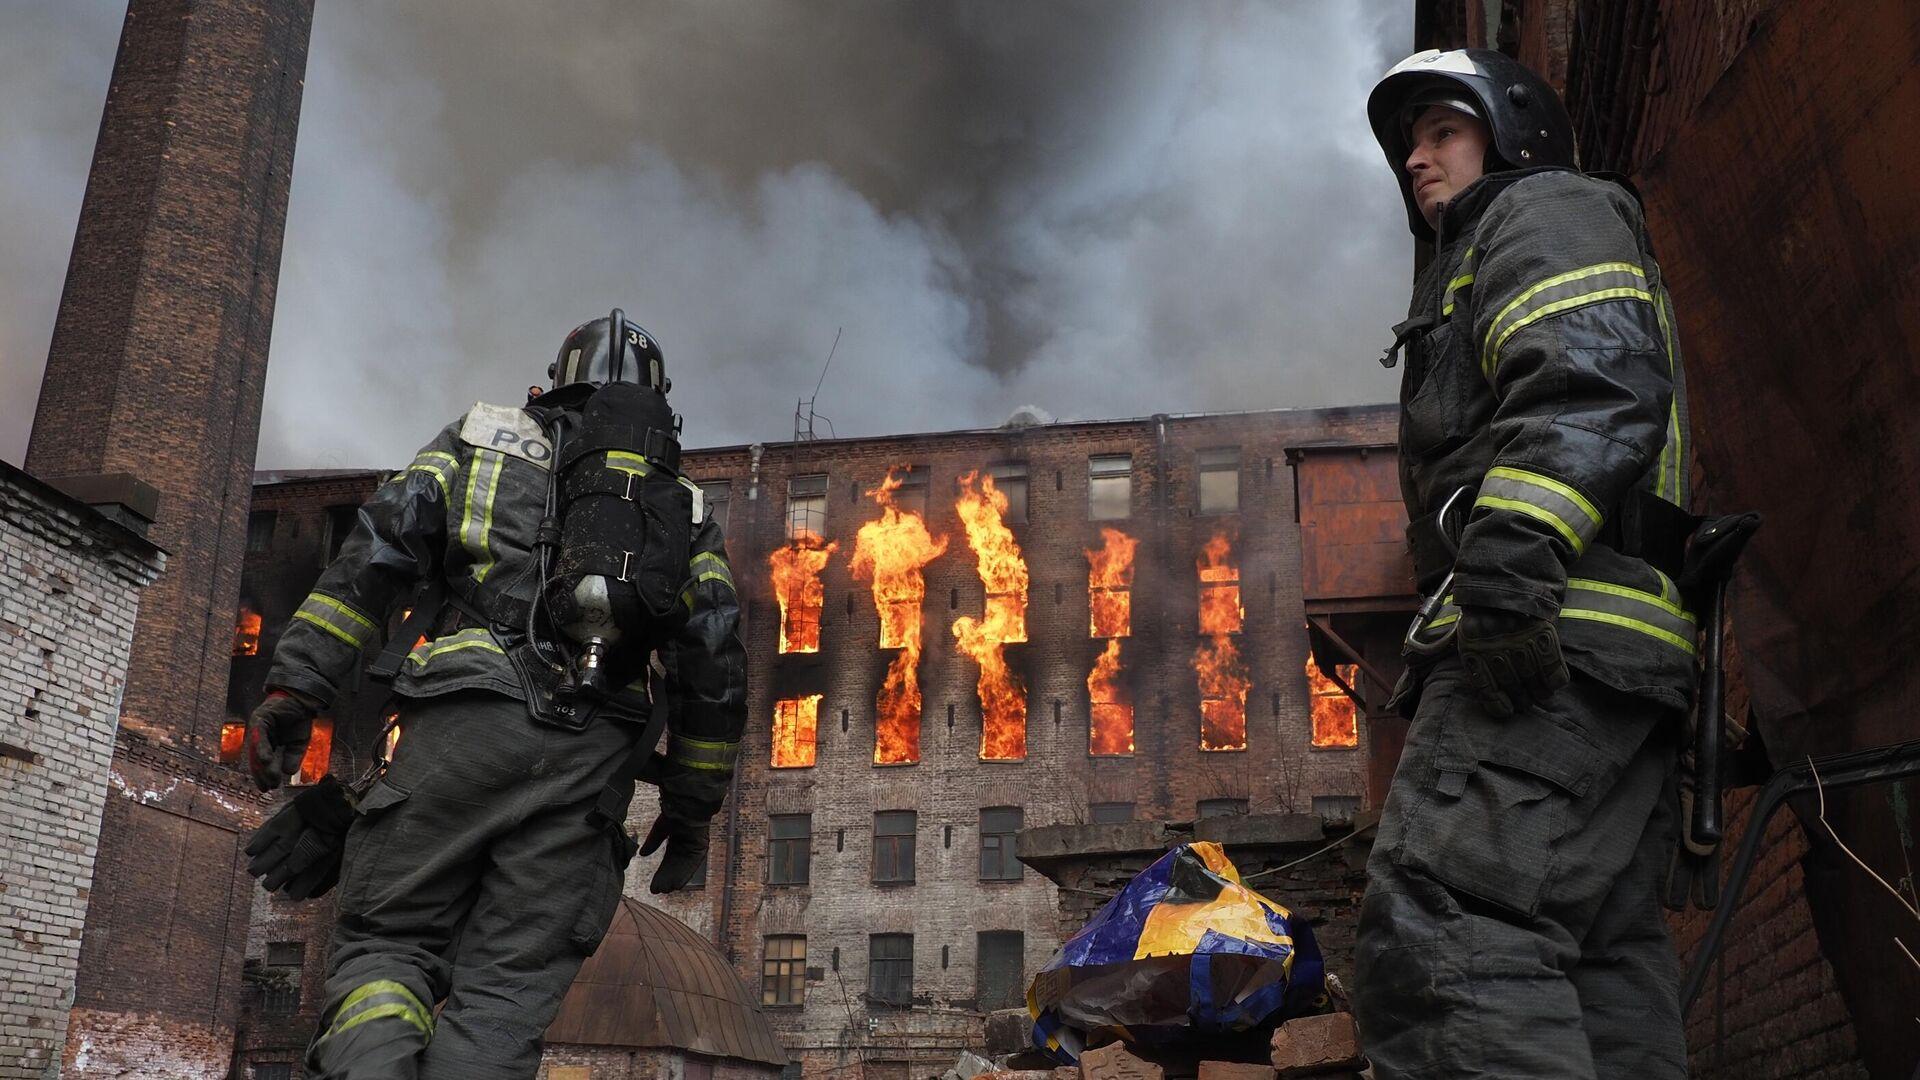 Пожар в здании фабрики Невская мануфактура на Октябрьской набережной в Санкт-Петербурге - РИА Новости, 1920, 12.04.2021